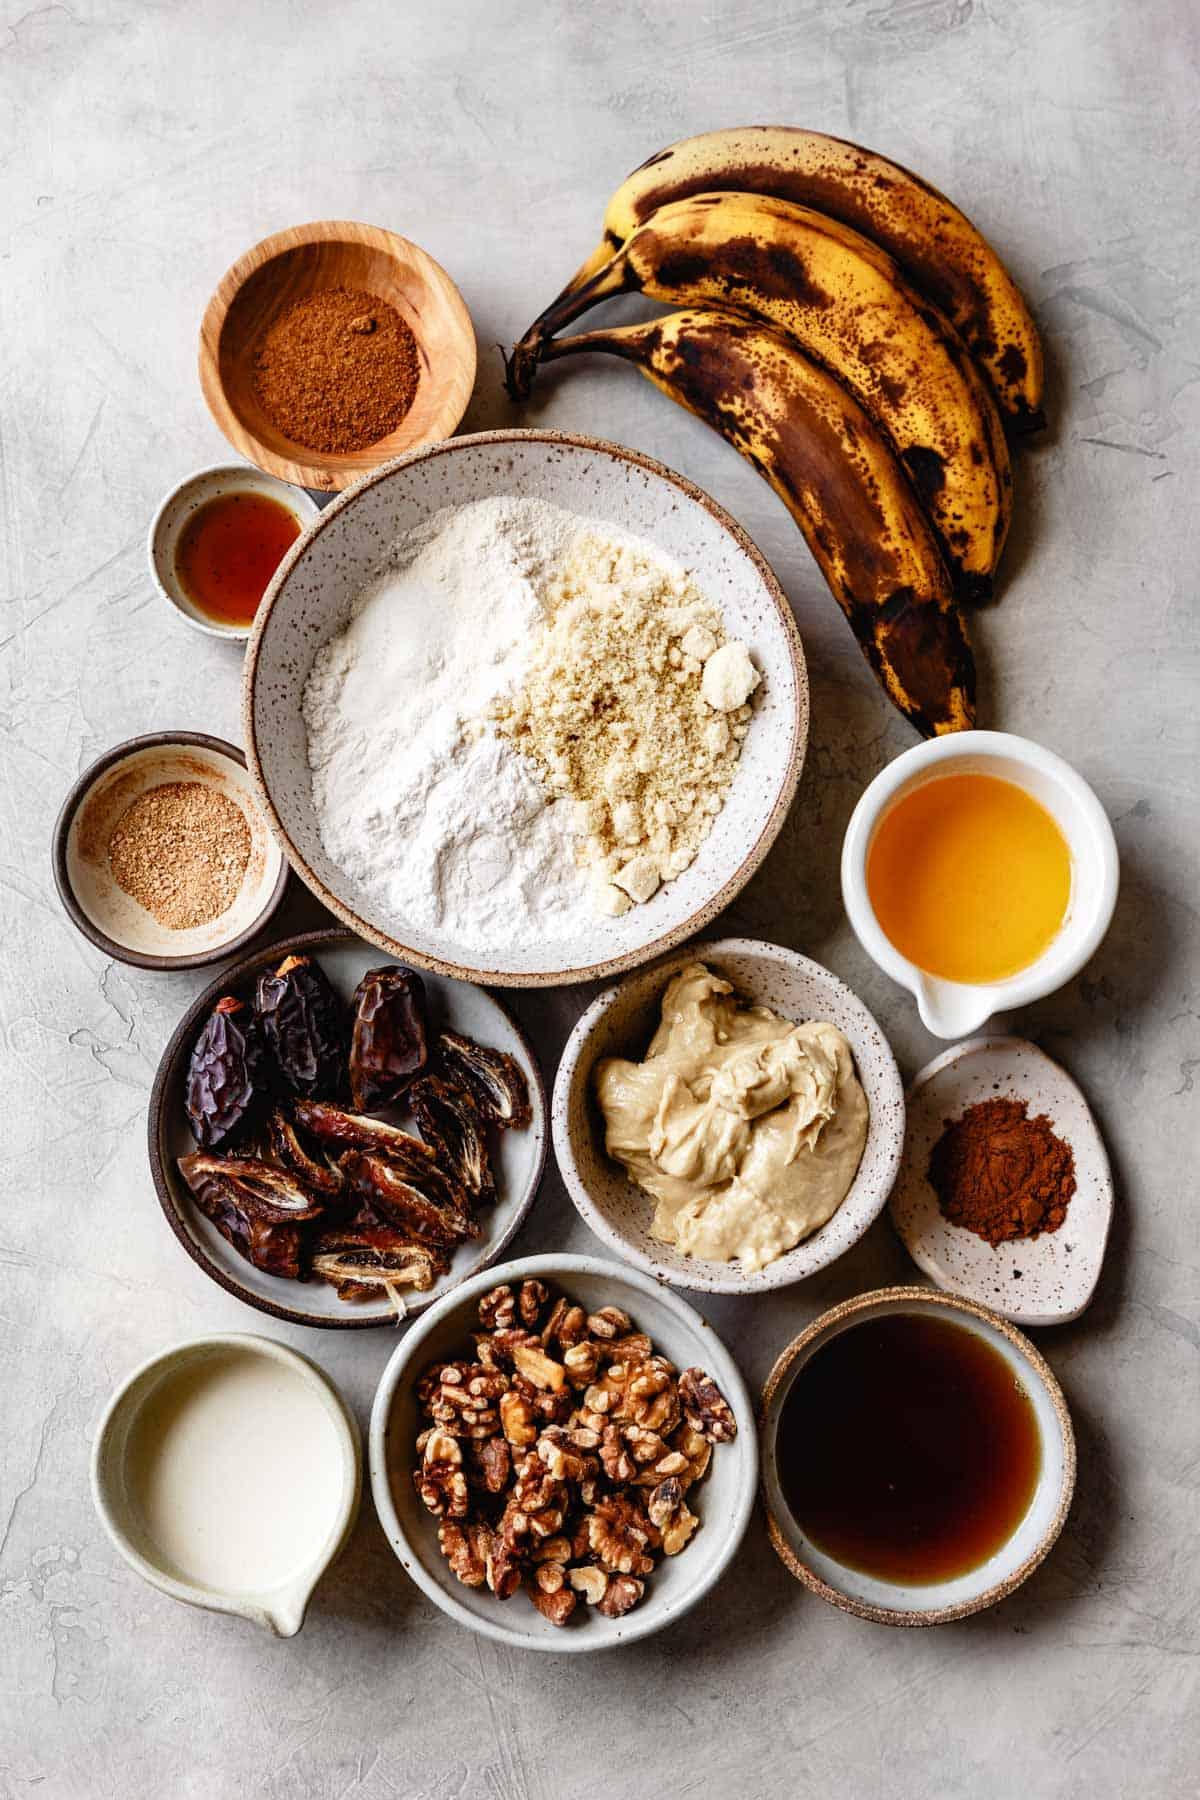 cinnamon date banana bread ingredients